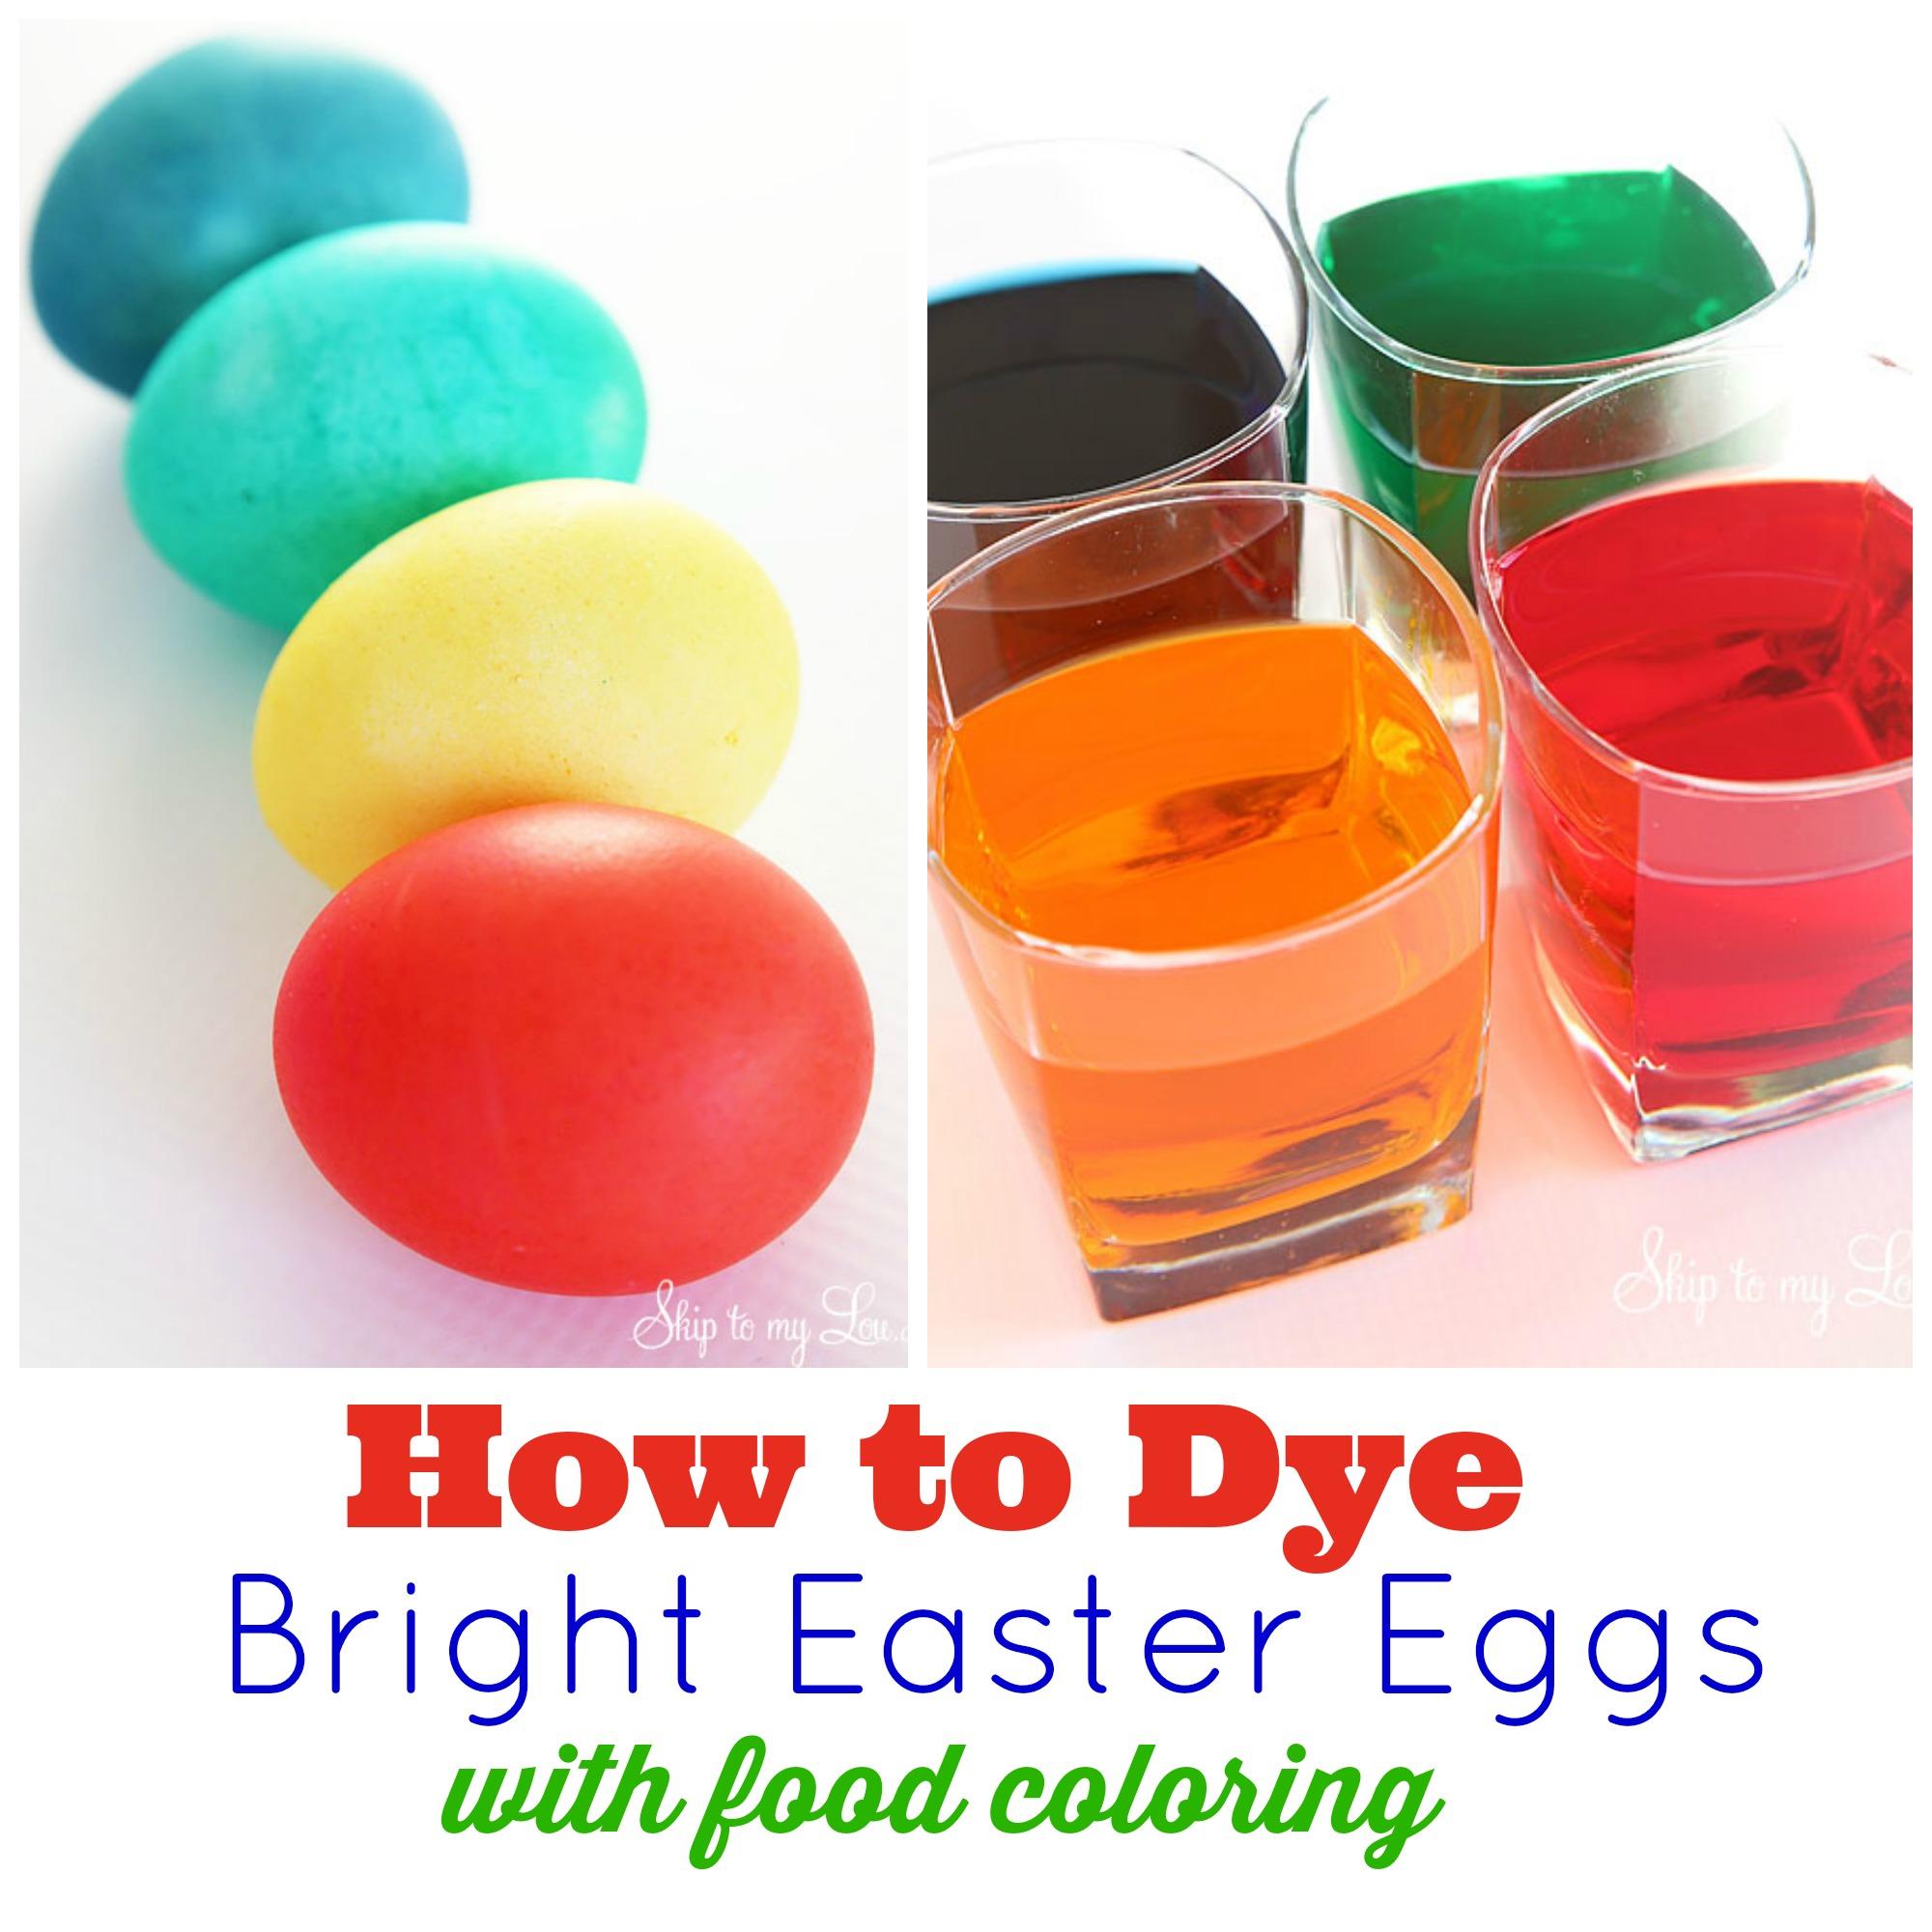 Easter Egg Coloring Guide Eeaf15ca903cf1f426044e38046d5d85 A Dozen.